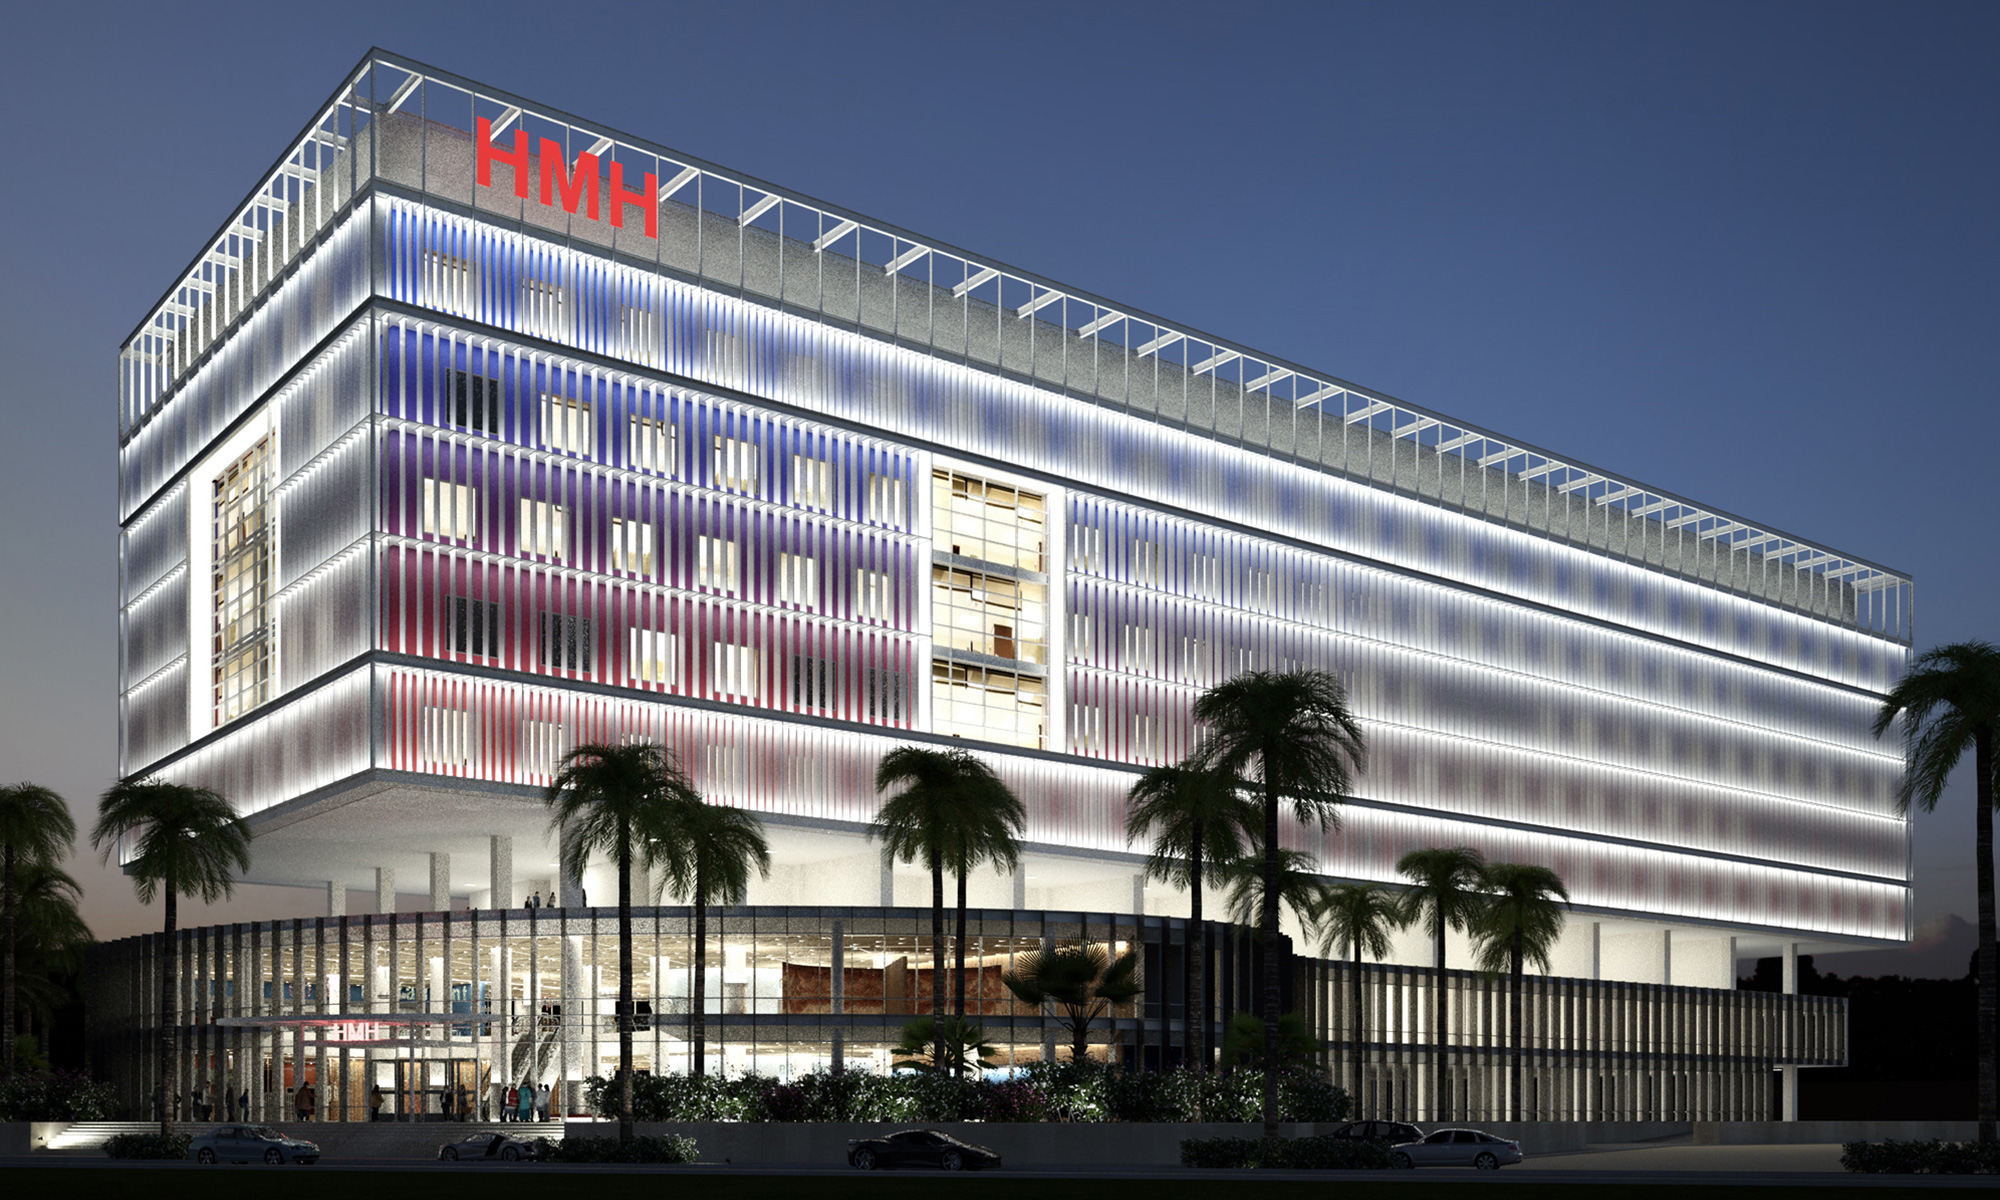 Architetto Cecilia Morini, Jeddah New Hospital, Binini Partners, Società di architettura e ingegneria